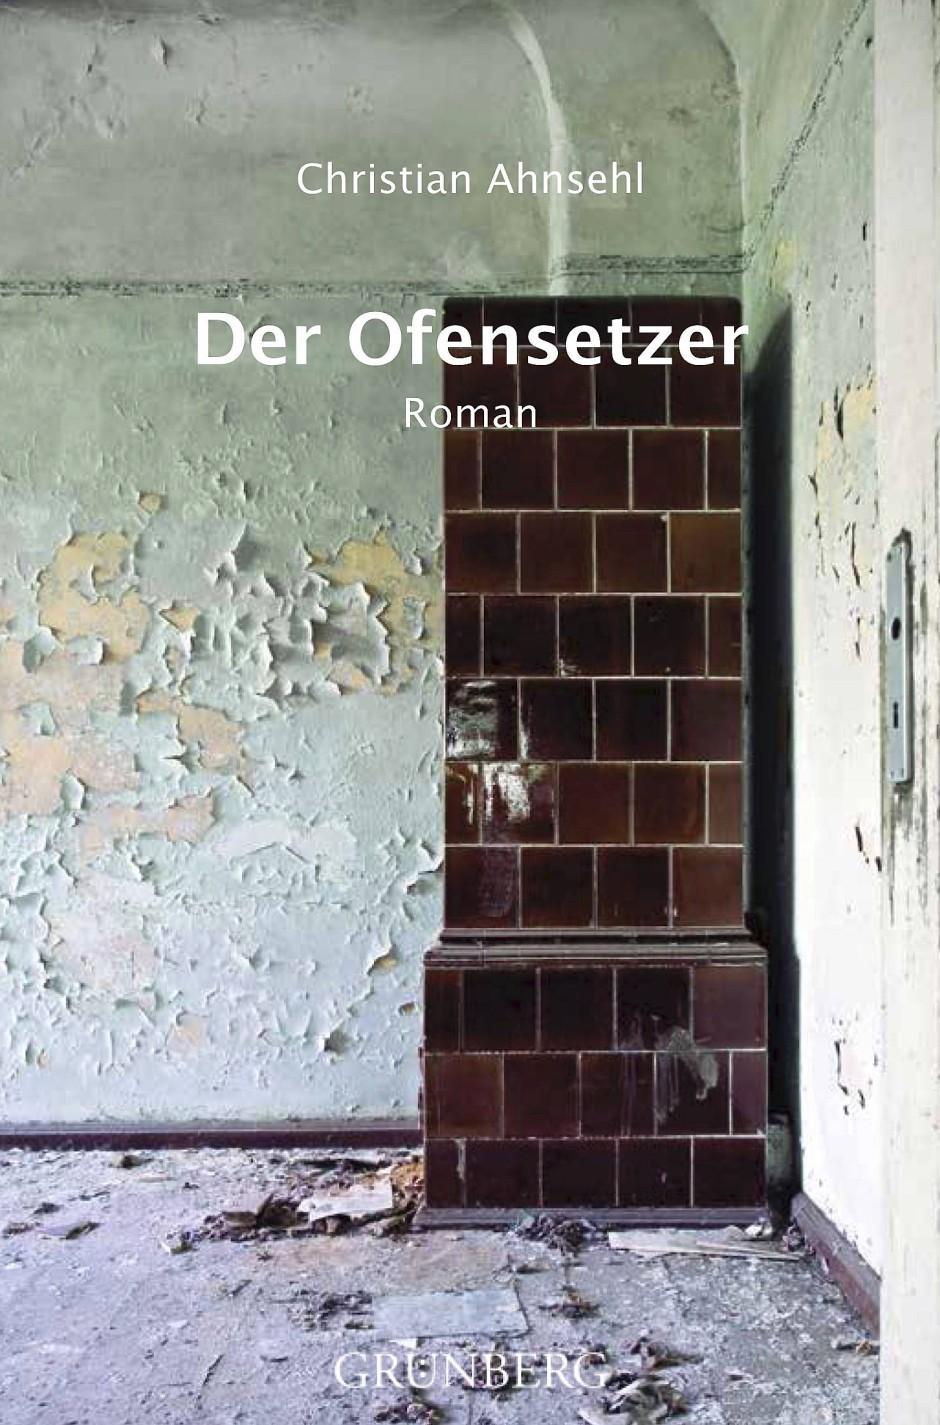 """Christian Ahnsehl: """"Der Ofensetzer"""". Roman. Grünberg Verlag, Weimar 2020. 288 S., br., 19,80 Euro."""